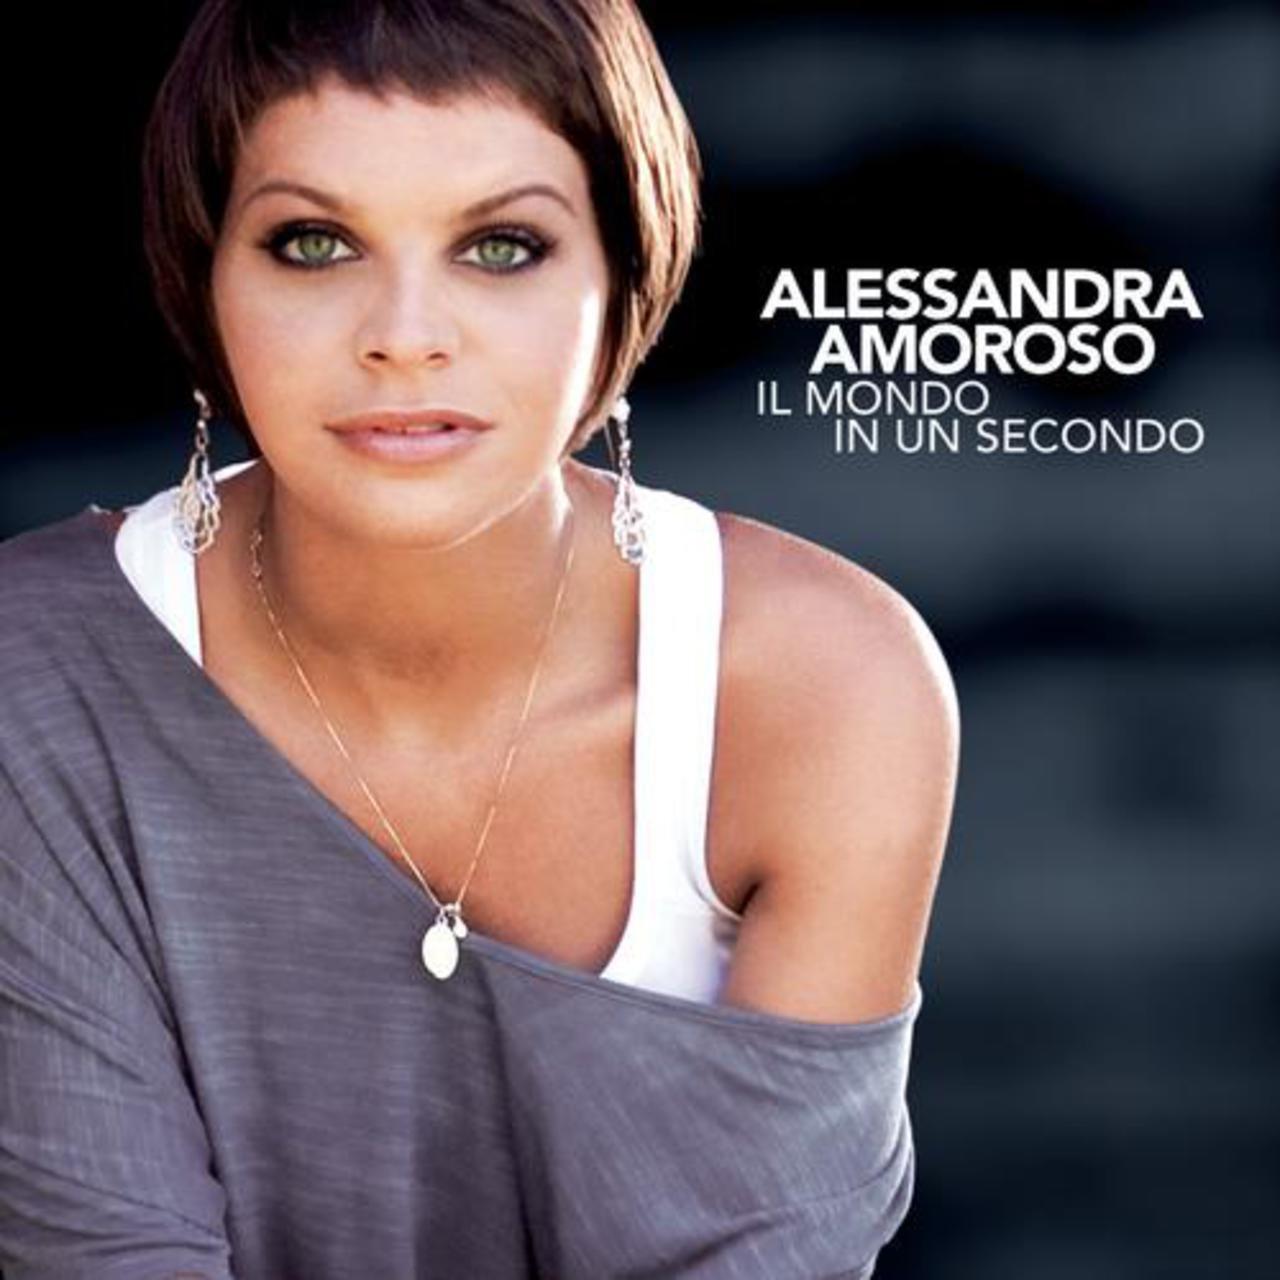 Dove Sono i Colori - Alessandra Amoroso: Testo (lyrics), traduzione e video